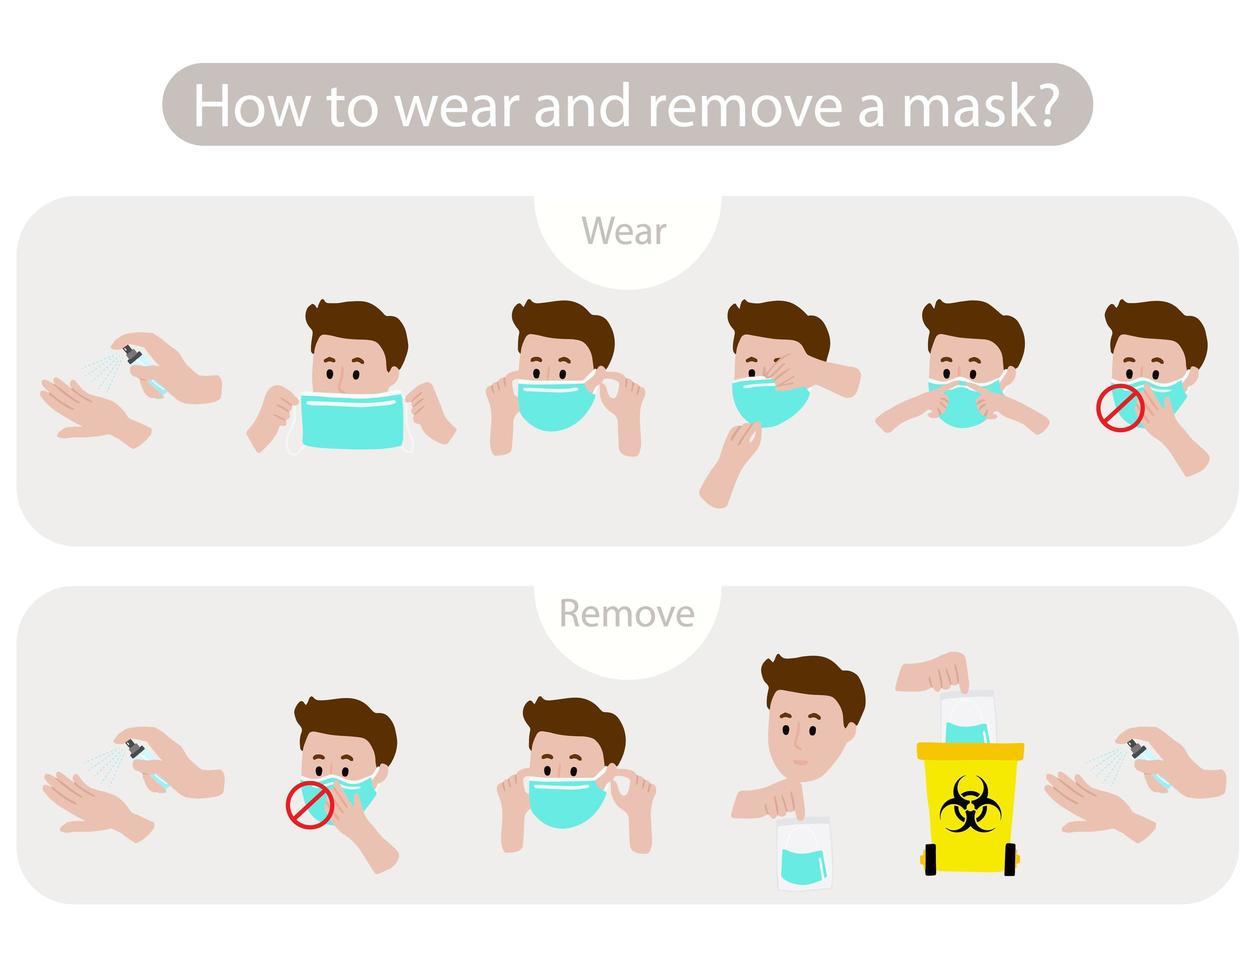 Mann zeigt, wie man Maske trägt und entfernt vektor